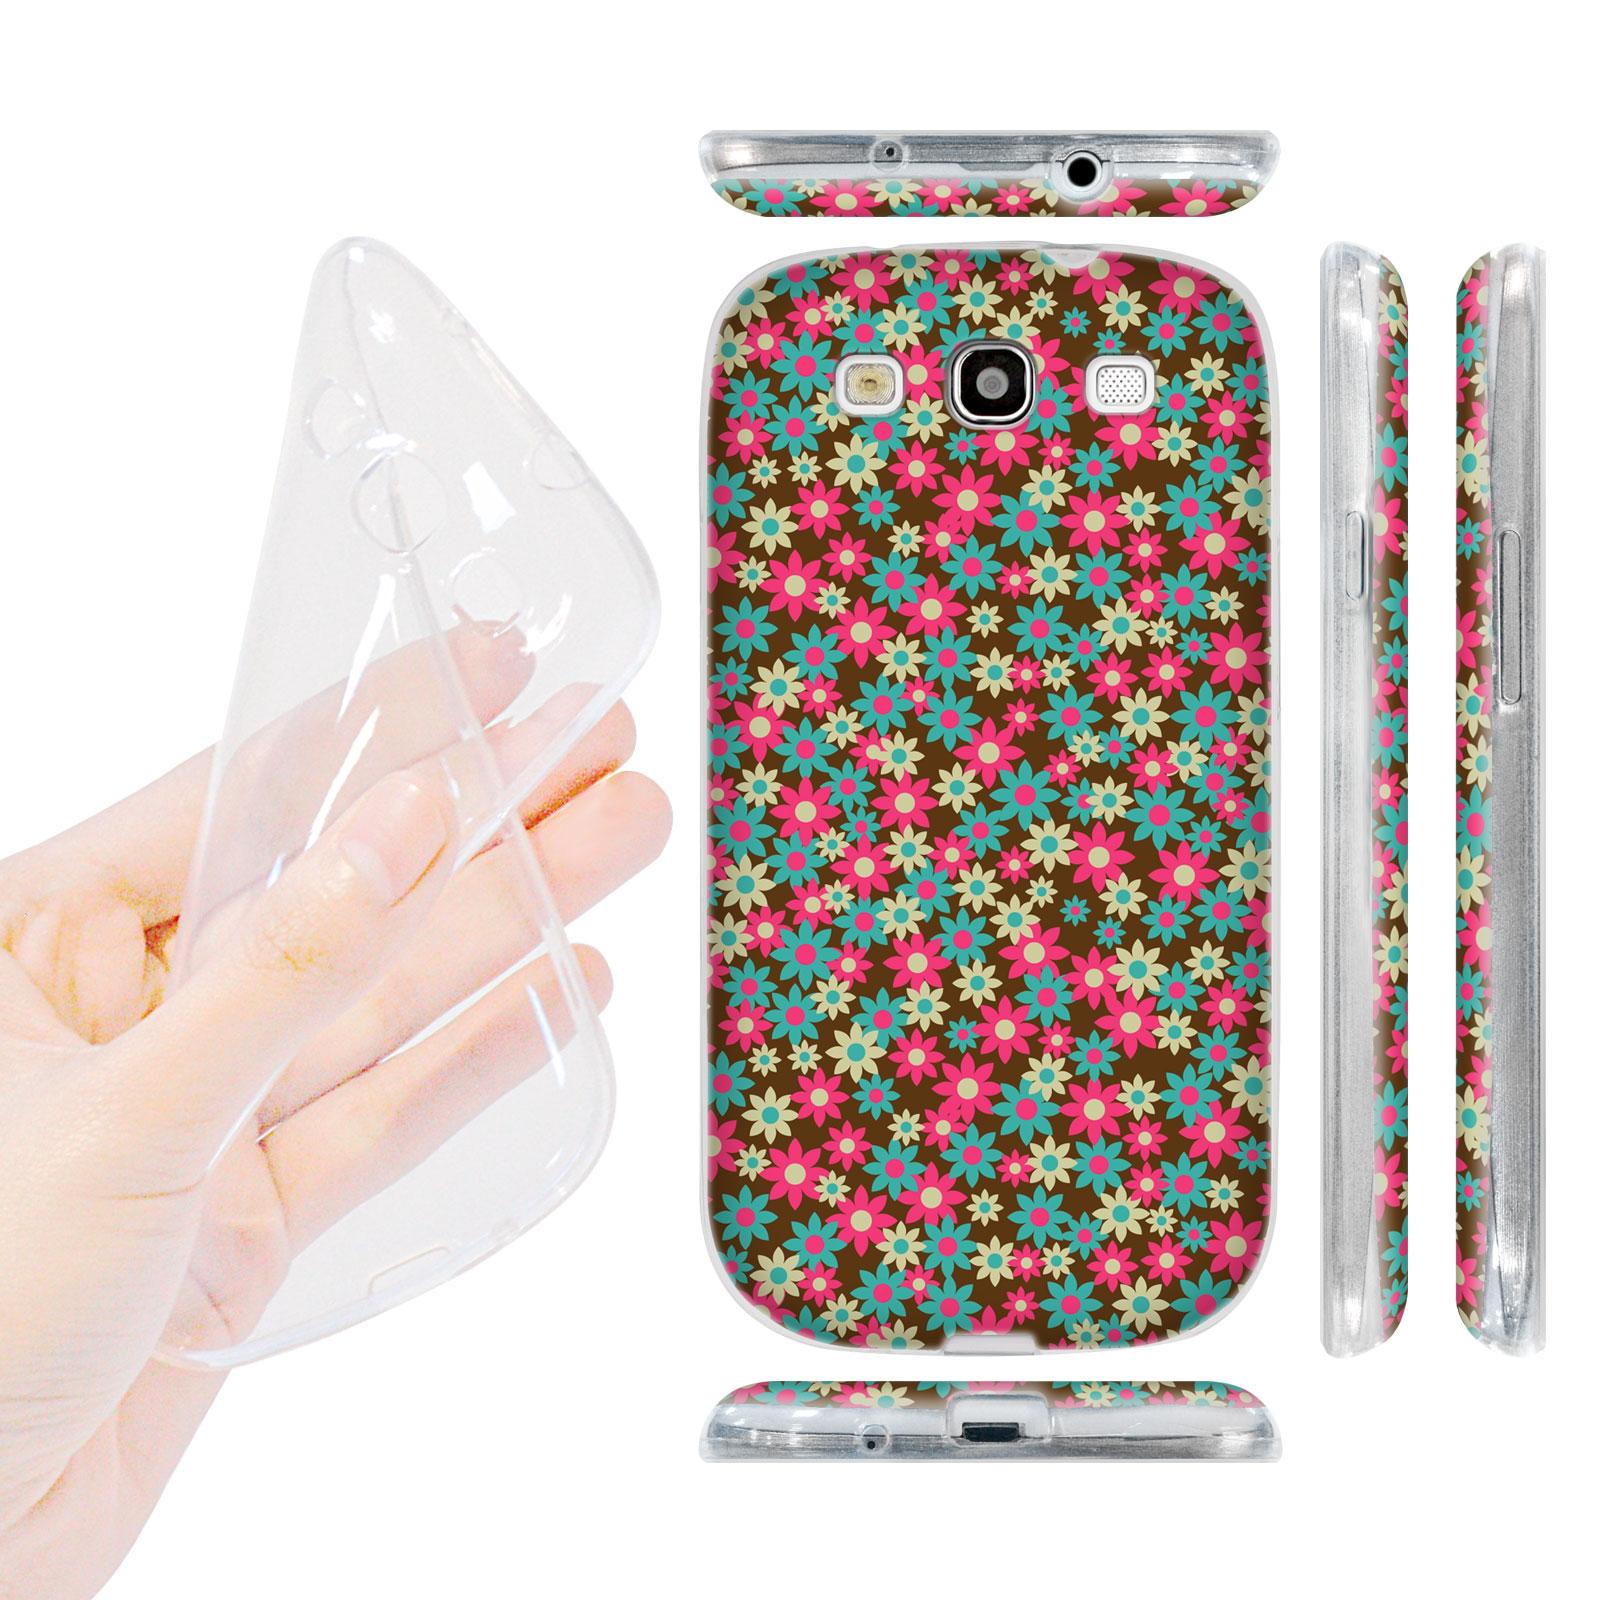 HEAD CASE silikonový obal na mobil Galaxy S3 i9300 malé květinky hnědá a růžová barva